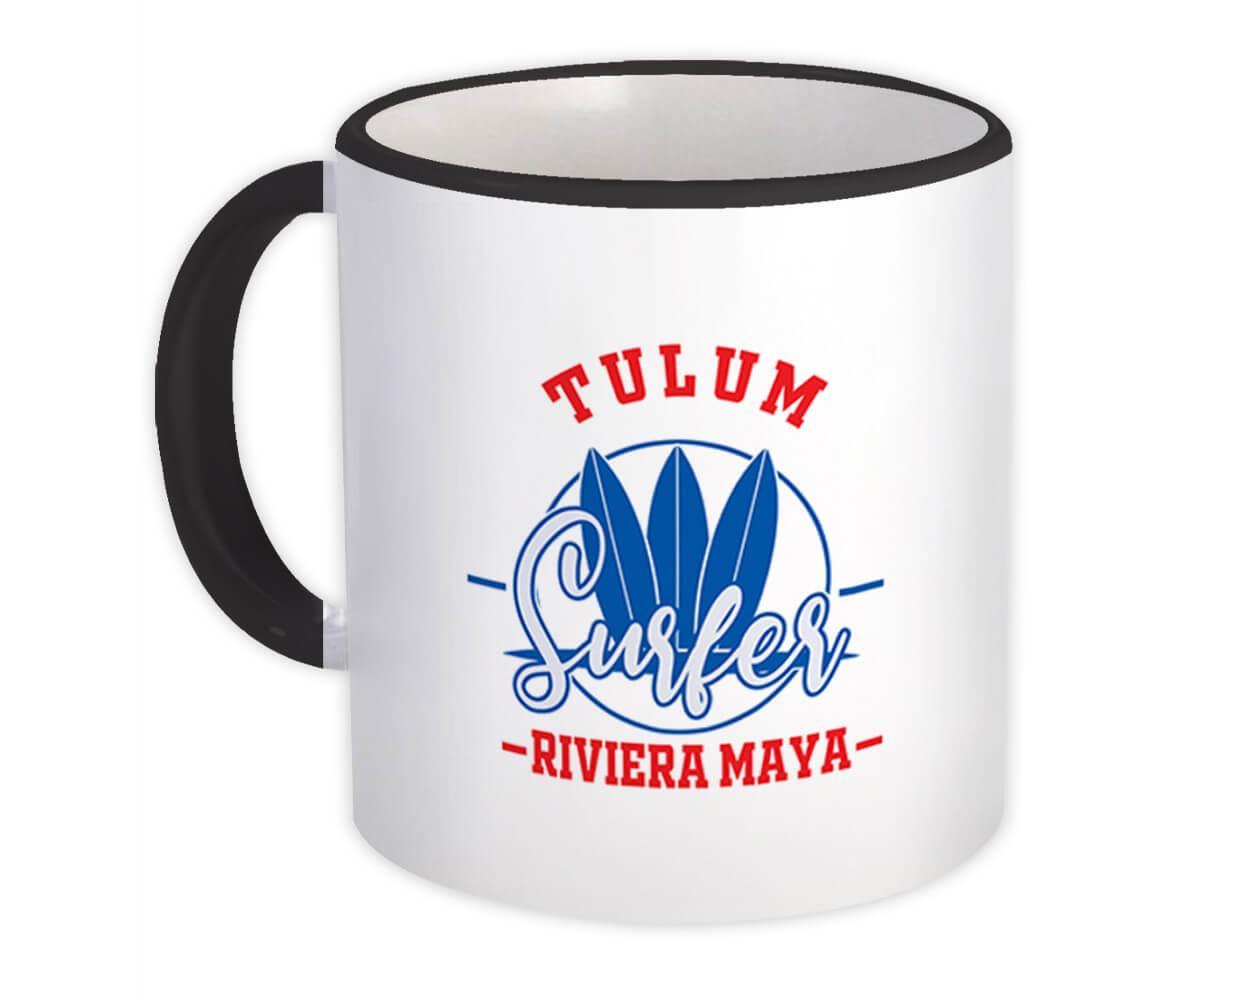 Tulum Mexico : Gift Mug Surfer Tropical Souvenir Travel